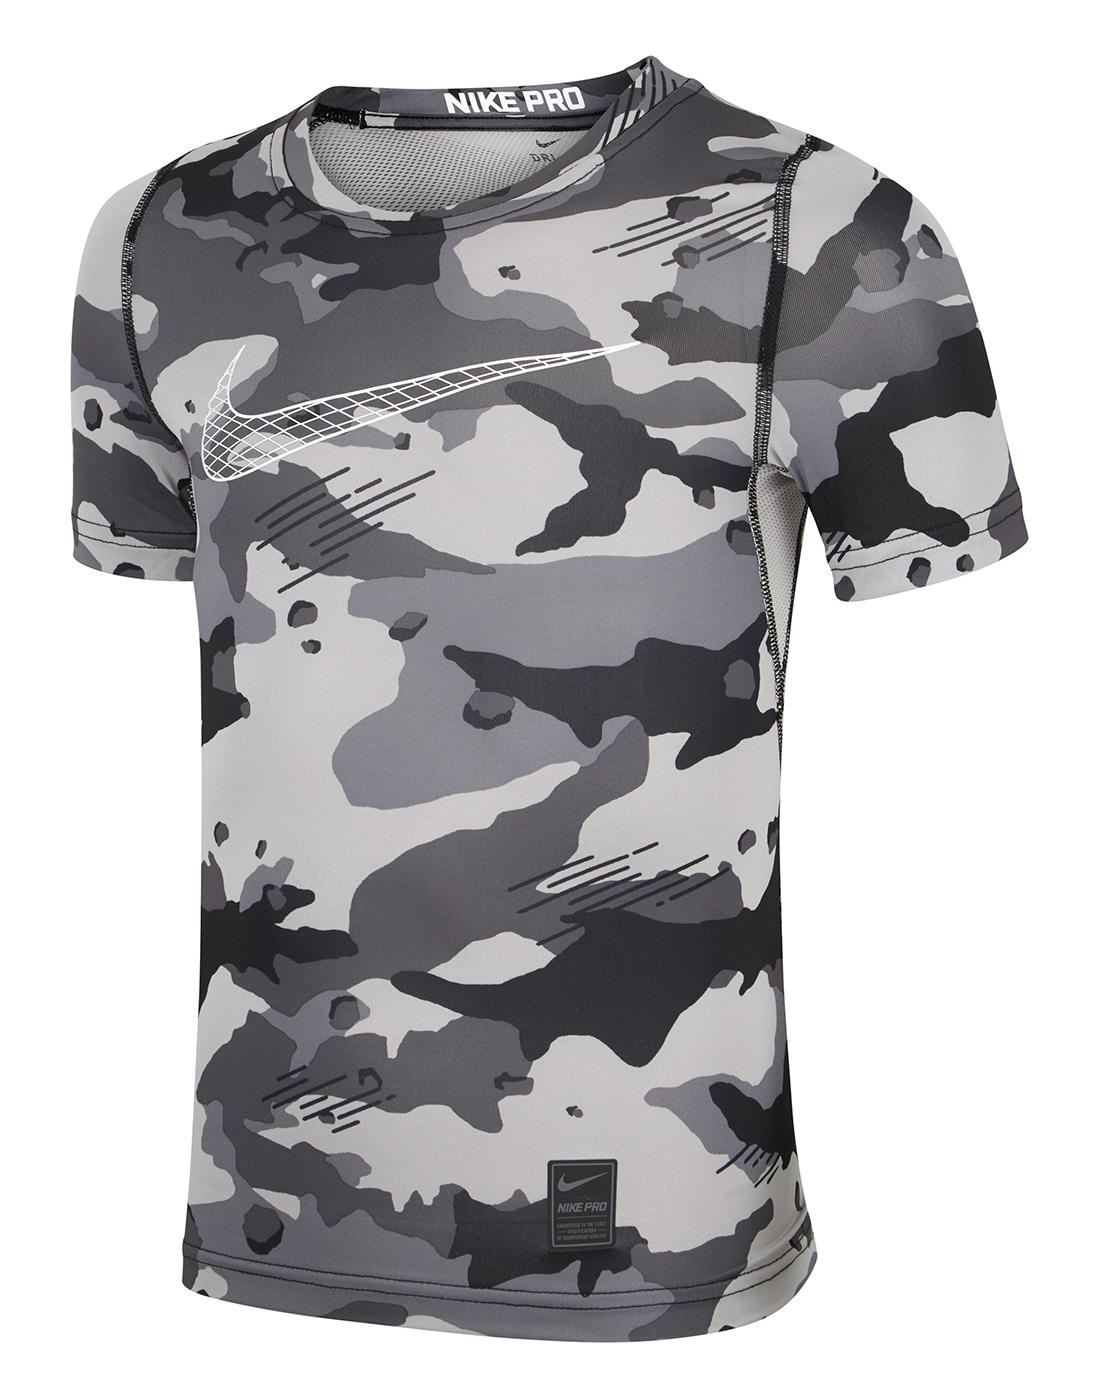 Boy s Grey Camo Nike Pro T-Shirt  65b40f00e